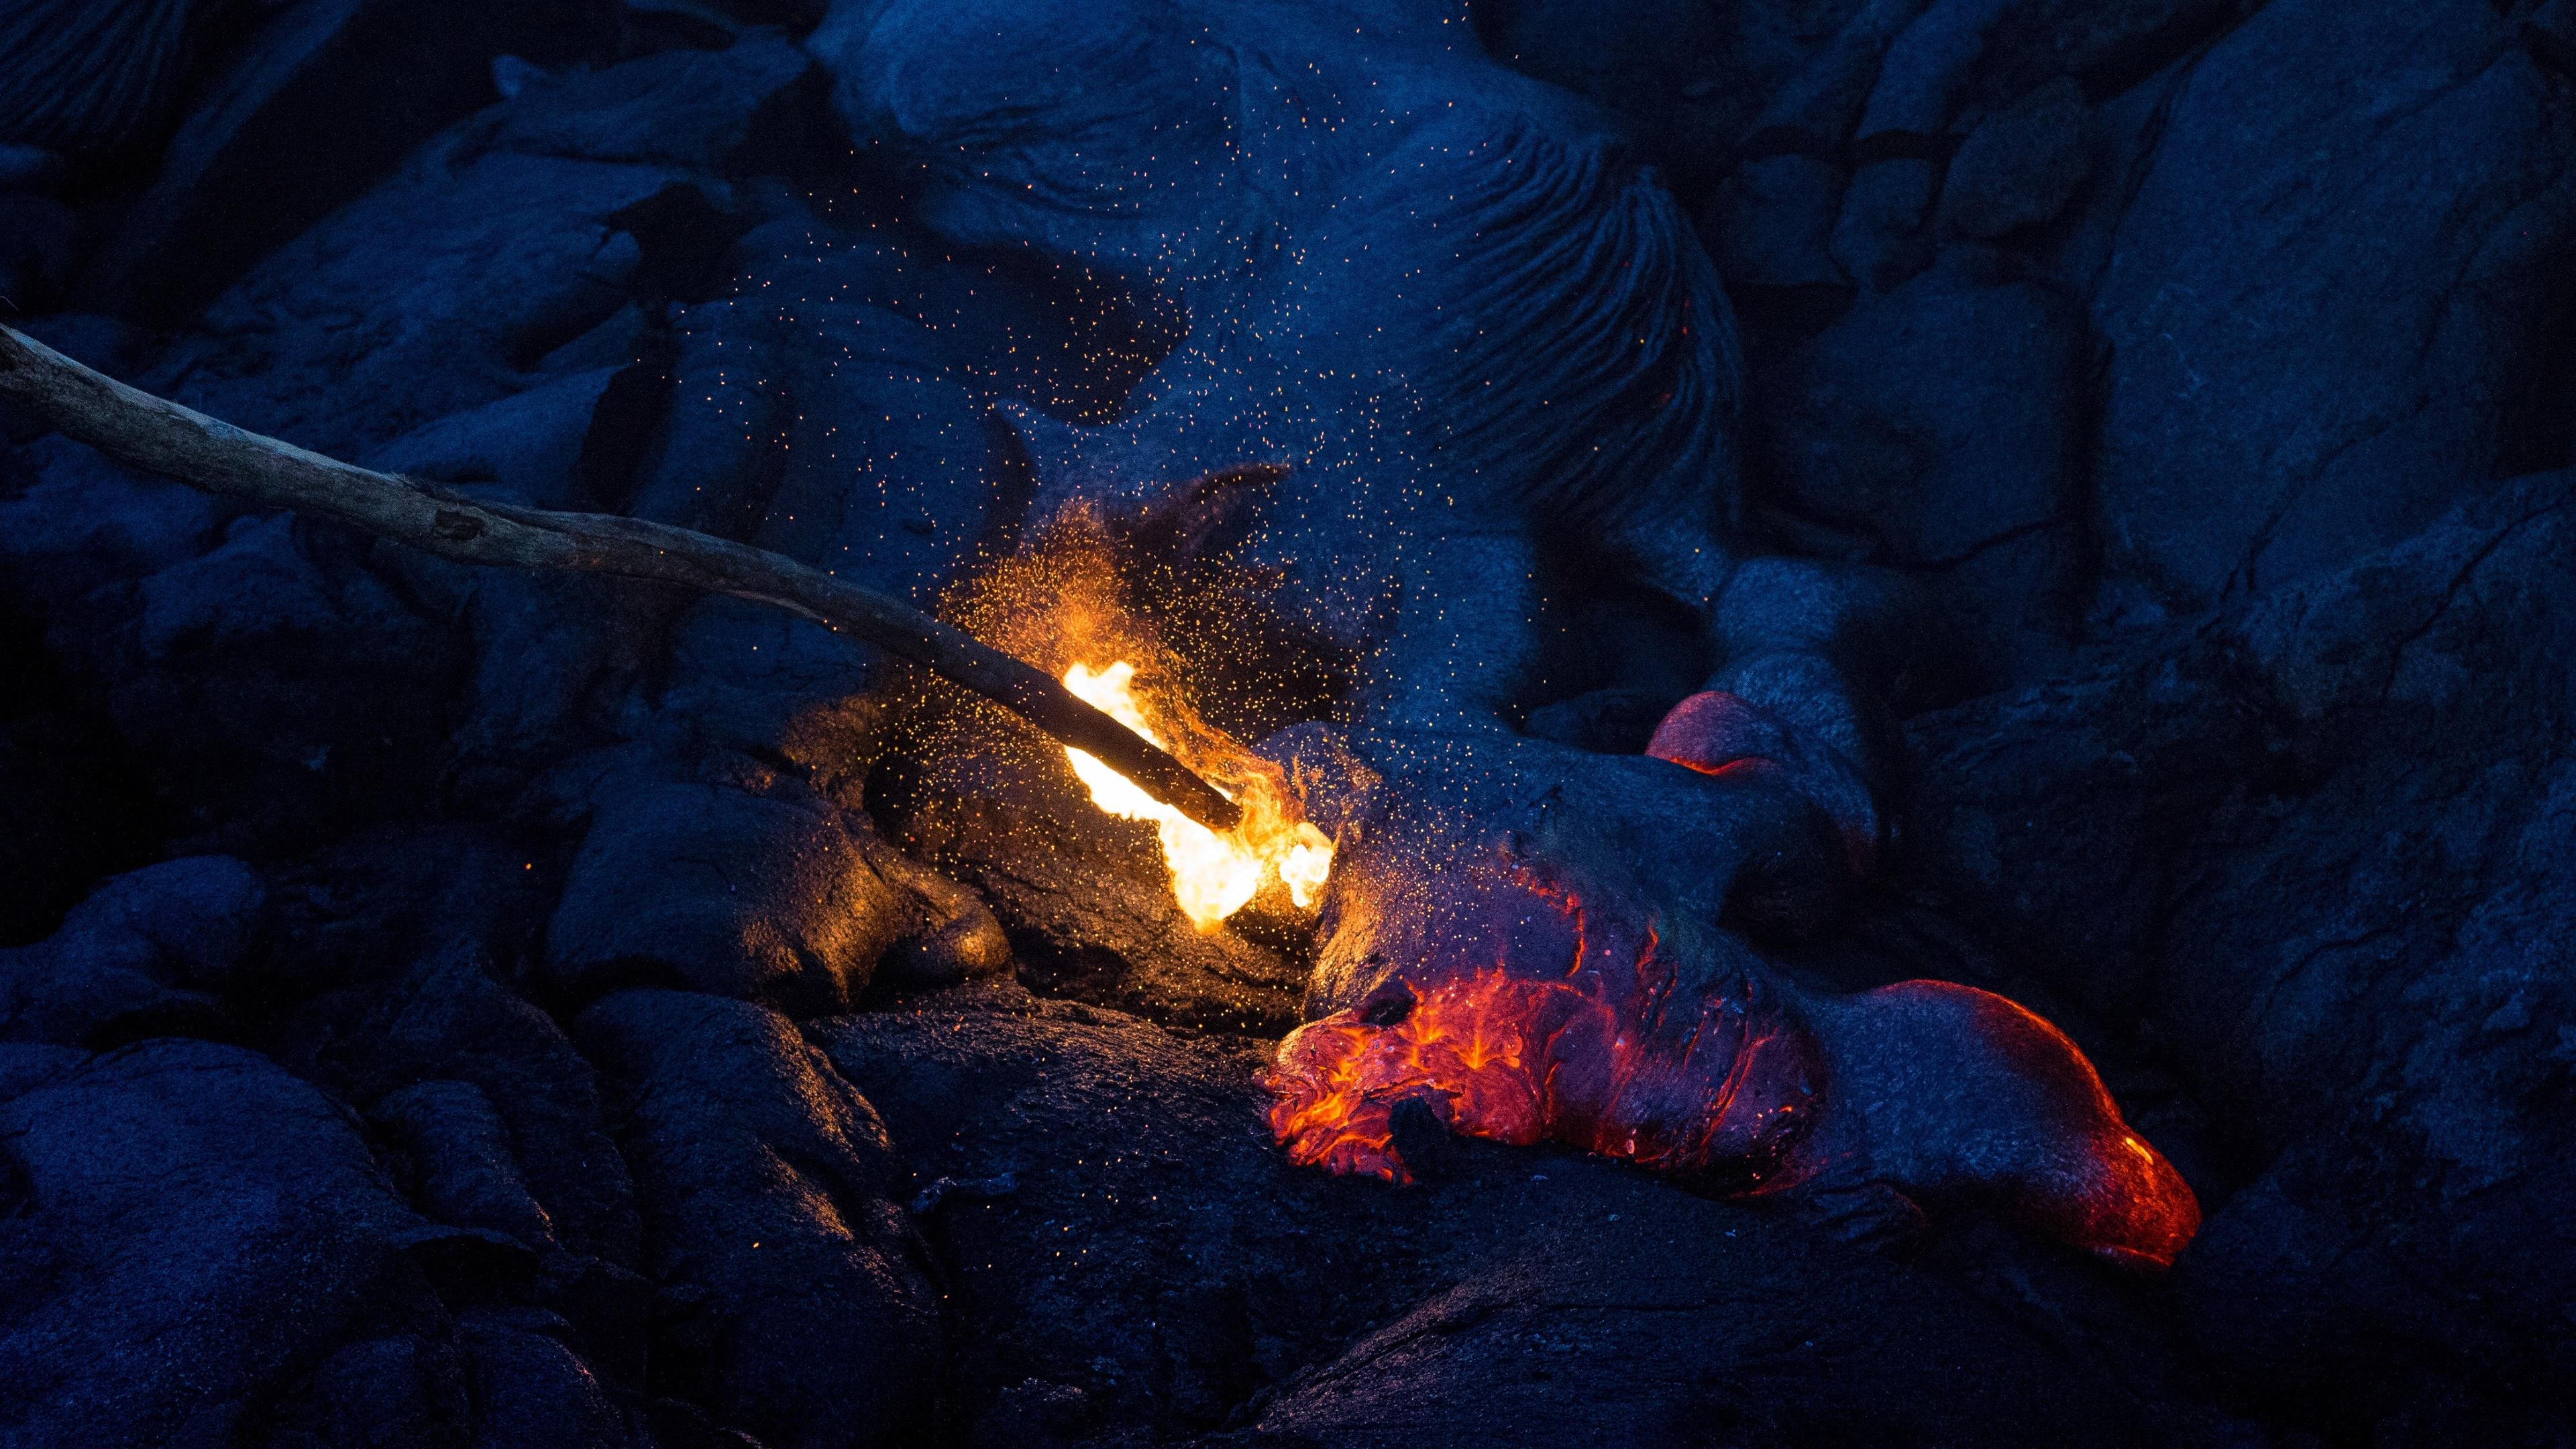 картинки искра огонь и вода золота магазинах